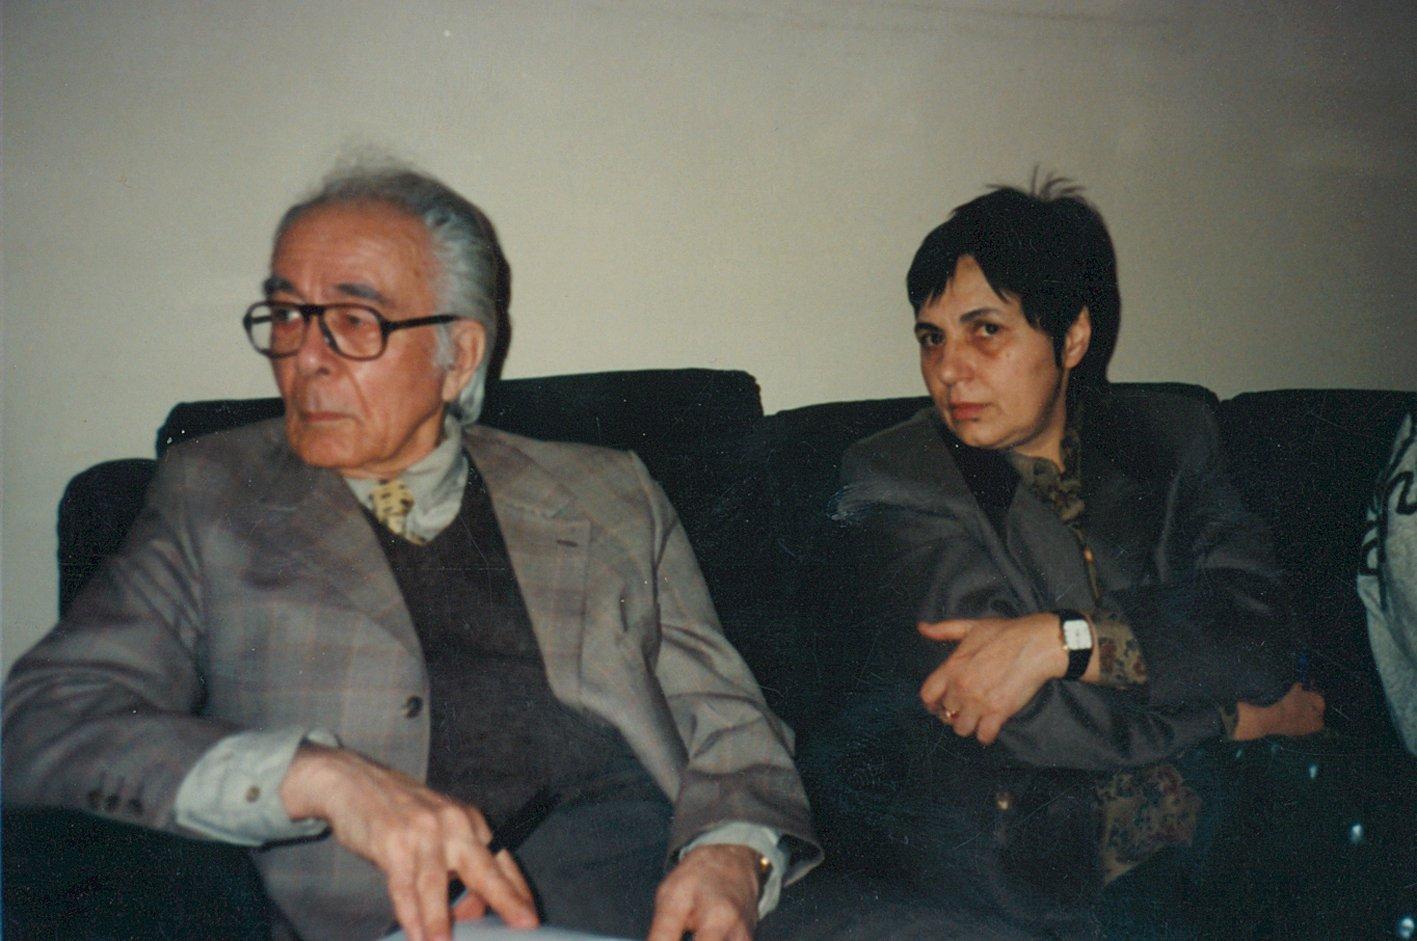 http://revista22.ro/files/news/manset/default/foto-sora-02-carneci.jpg